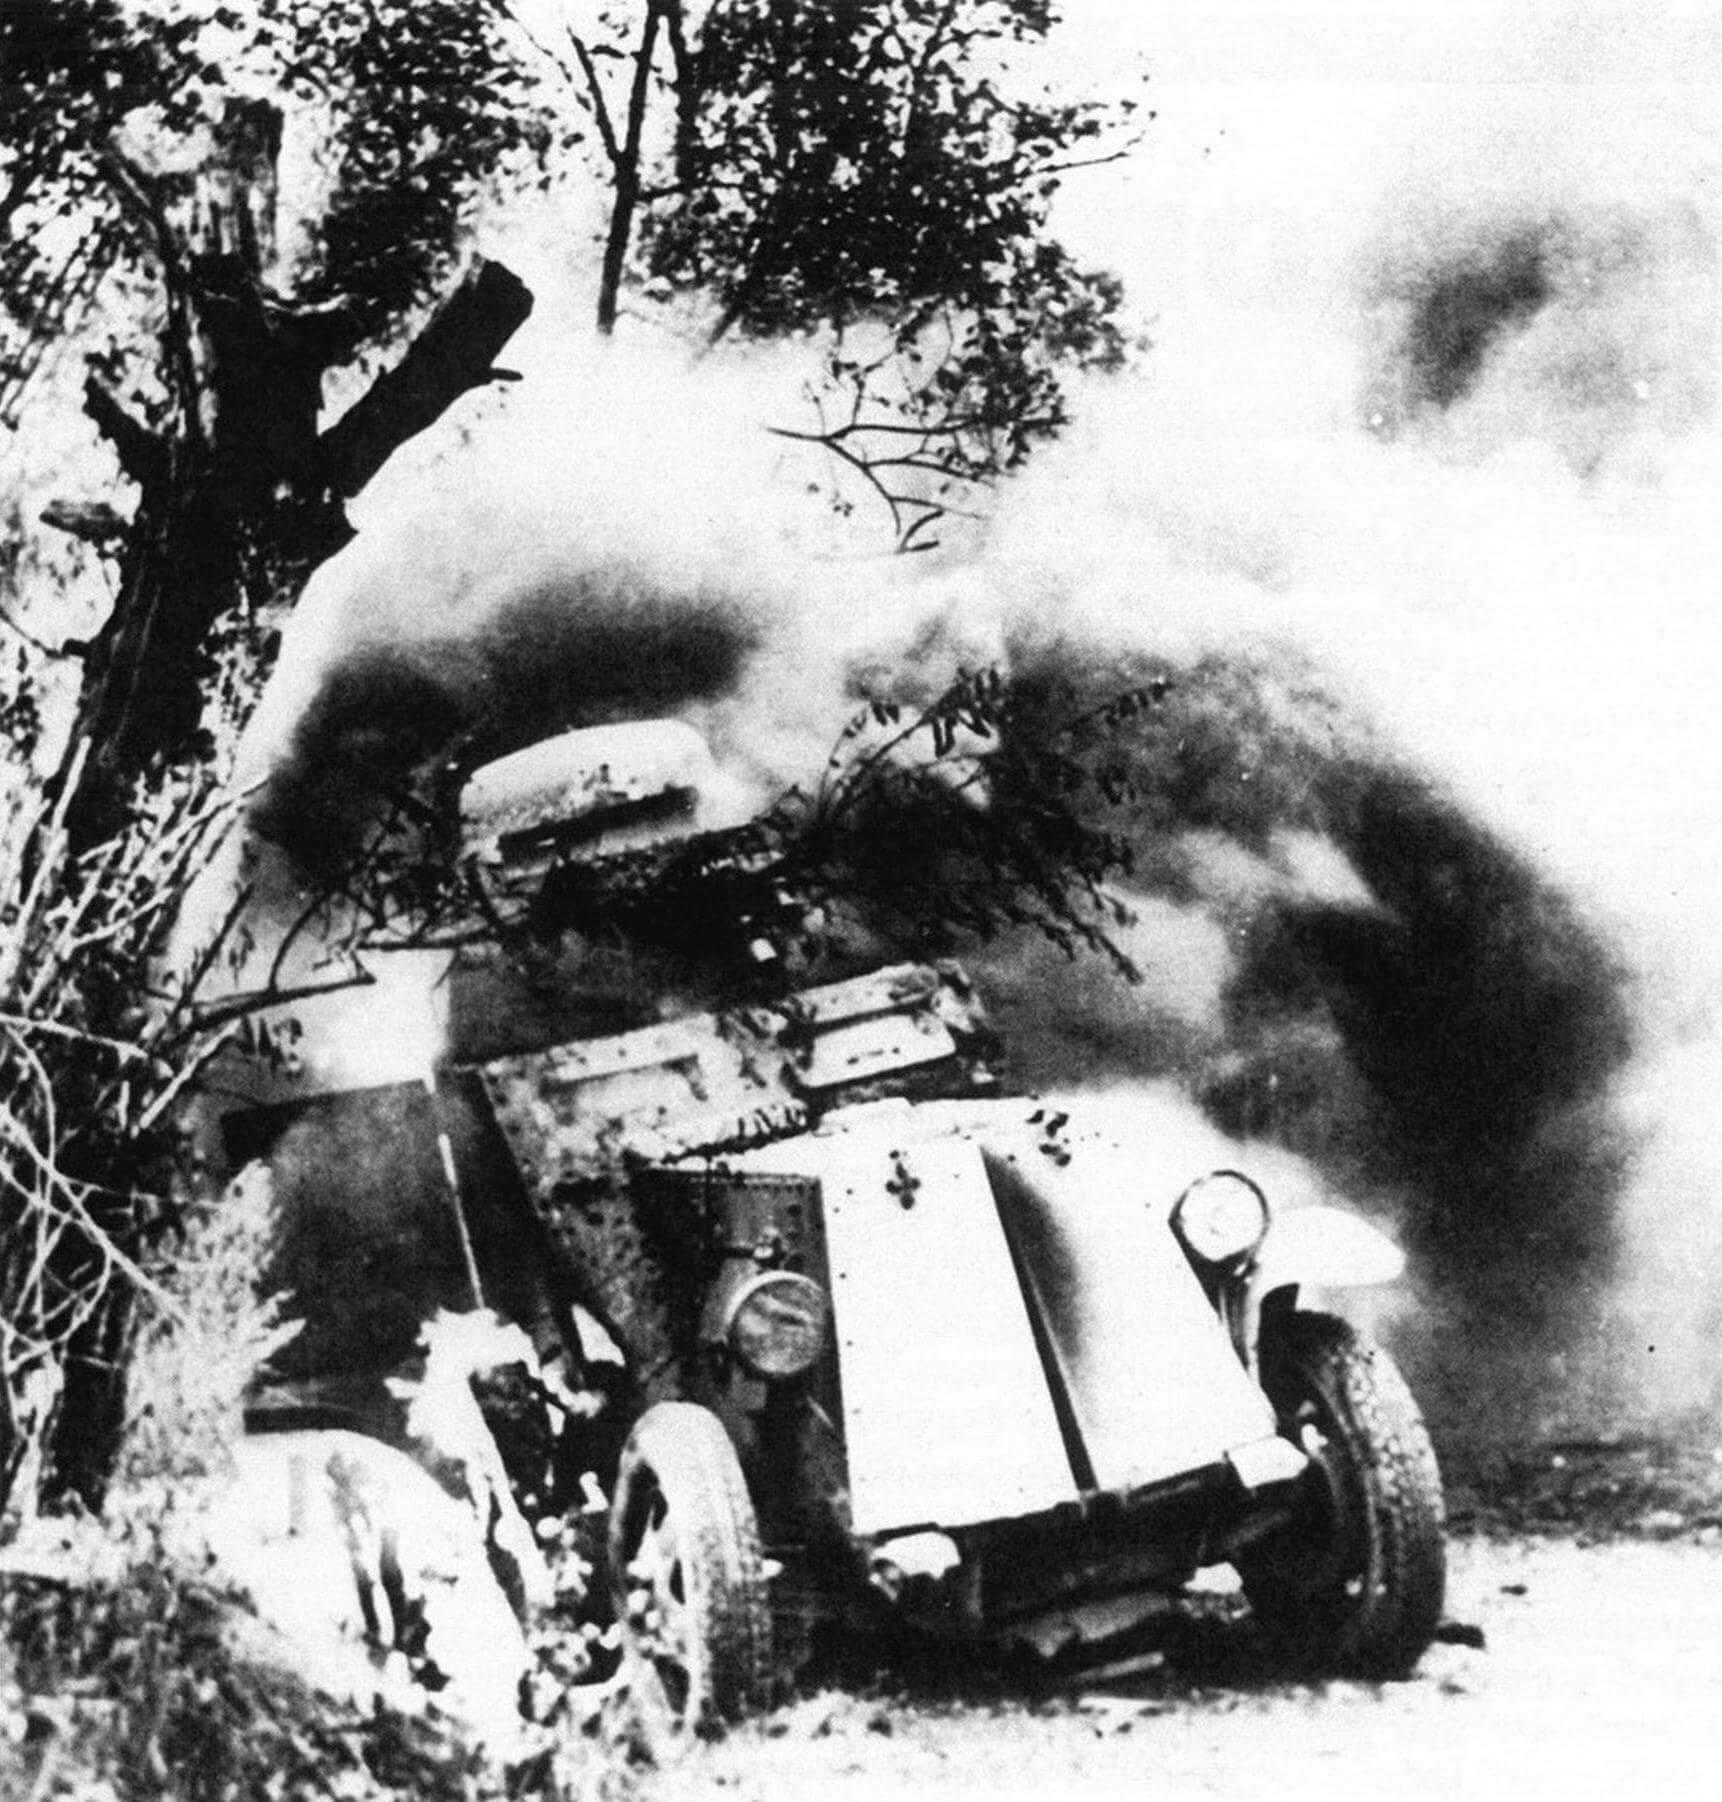 Горящий бронеавтомобиль БА-27М. Лето 1941 года